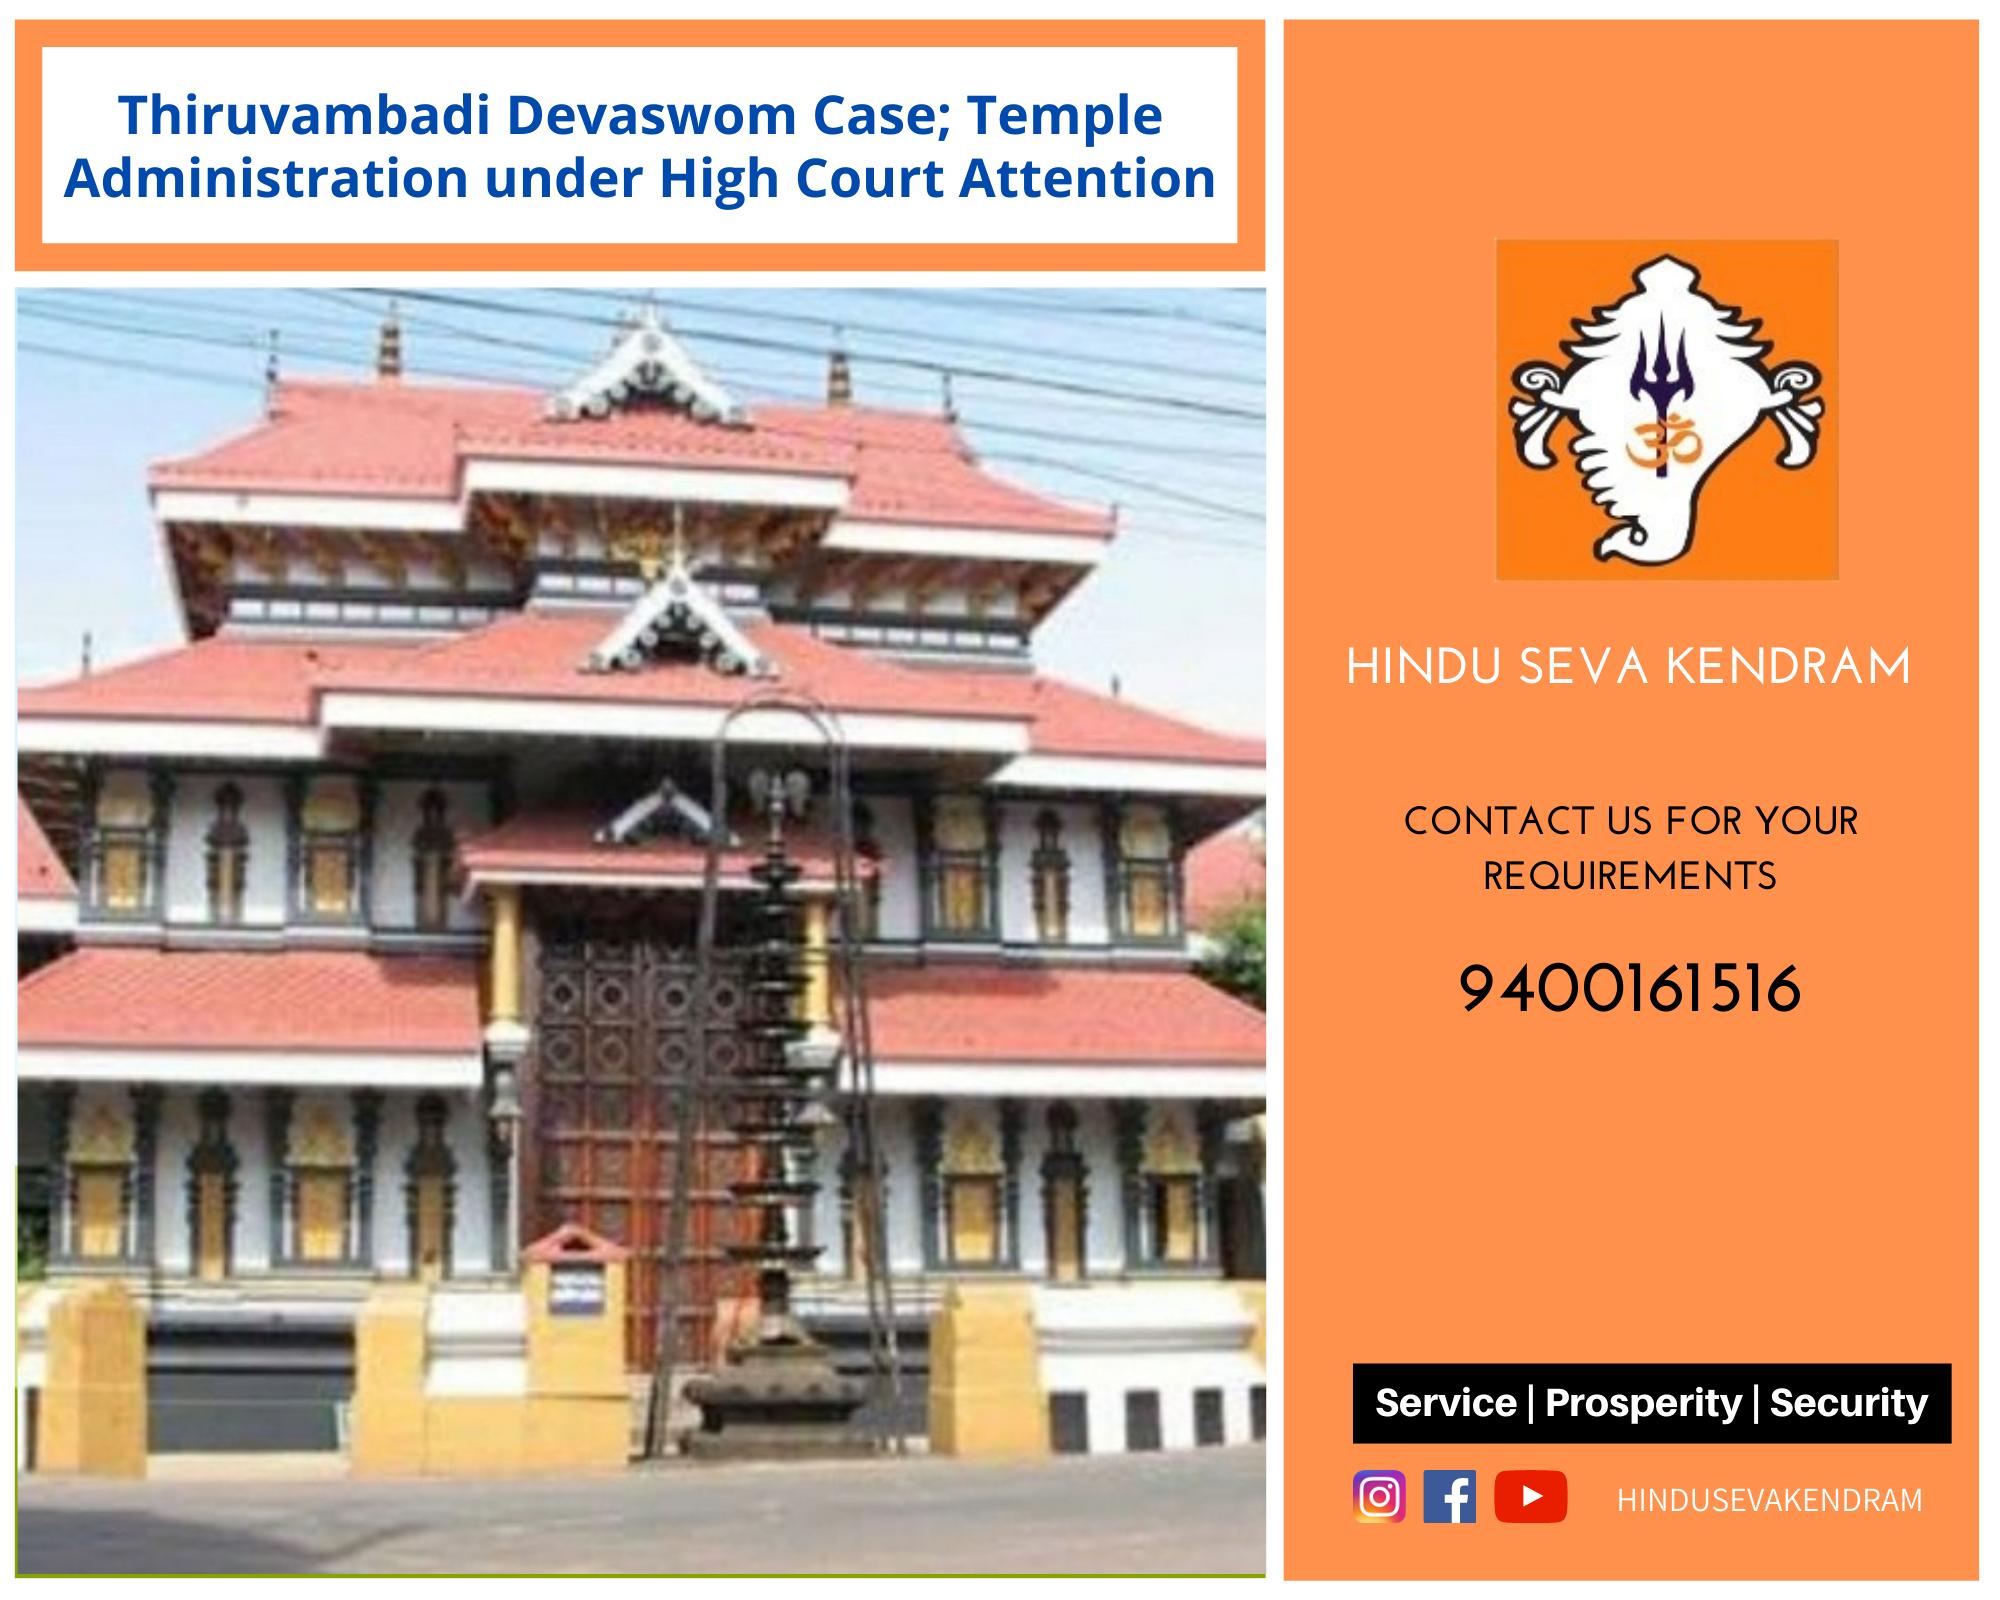 Thiruvambadi Devaswom Case; Temple Administration under High Court Attention